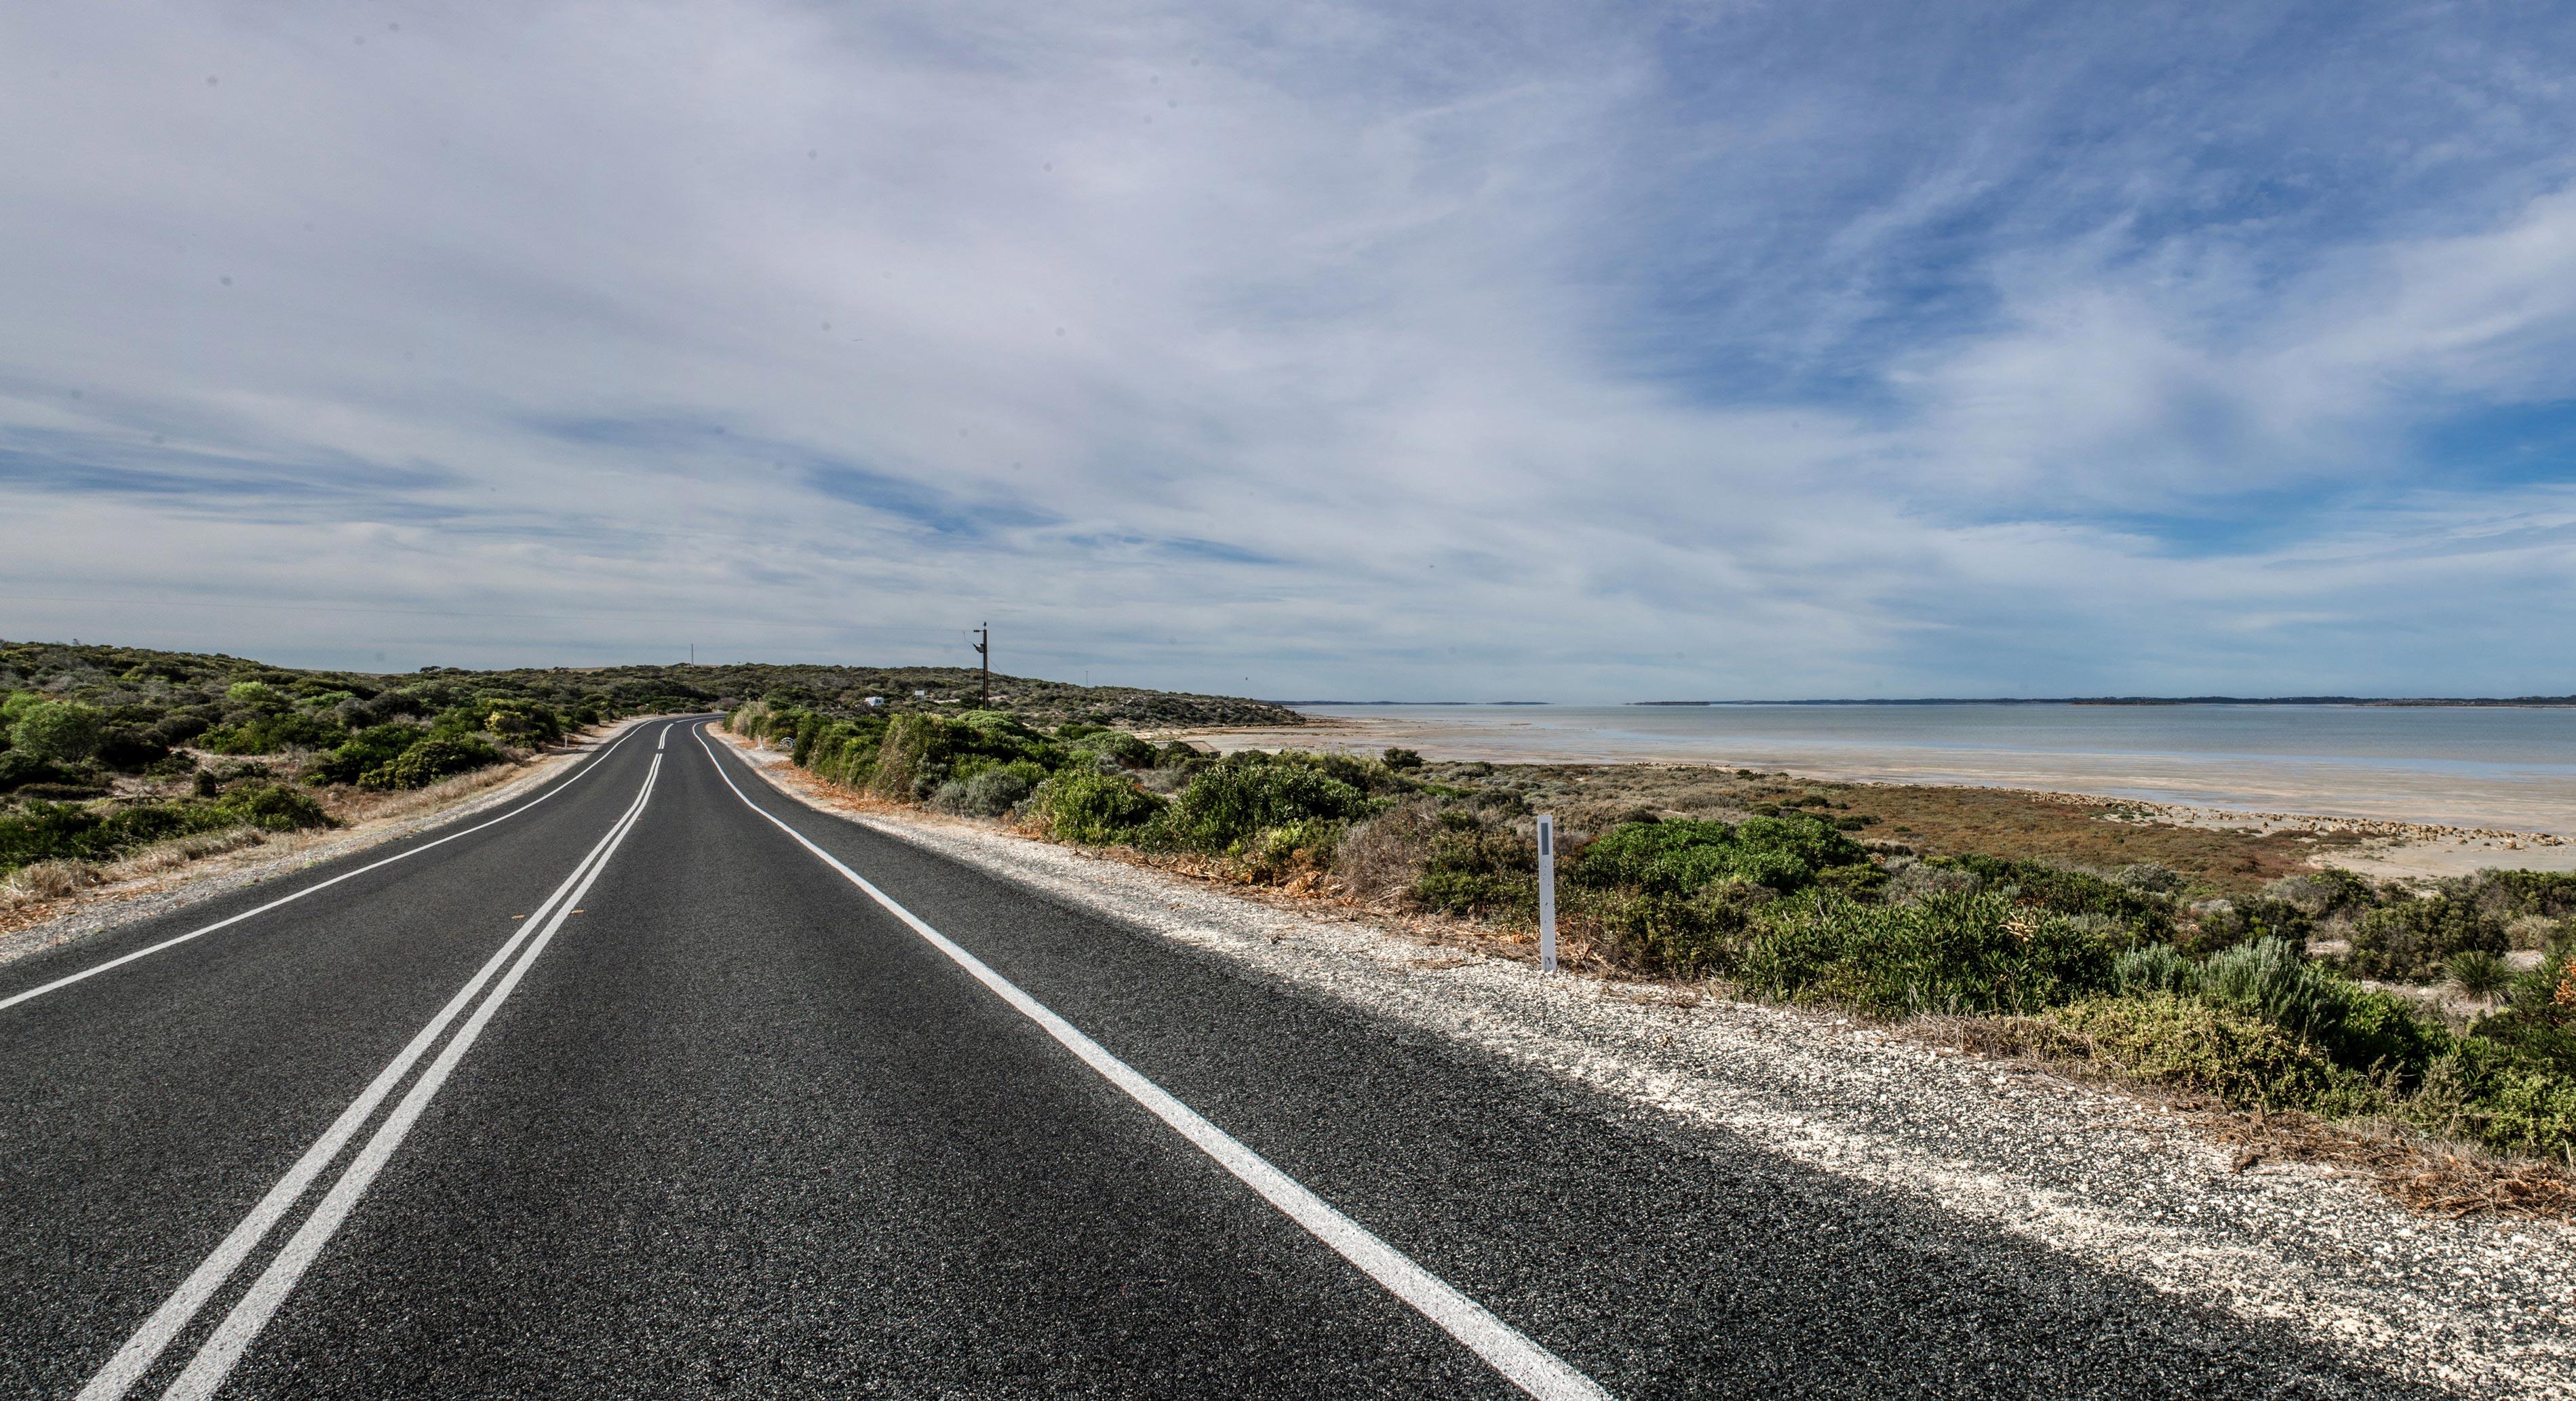 Paesaggi-Australia - DSC 5240  - Fotografo di paesaggio Australia - Fotografo di paesaggio Australia